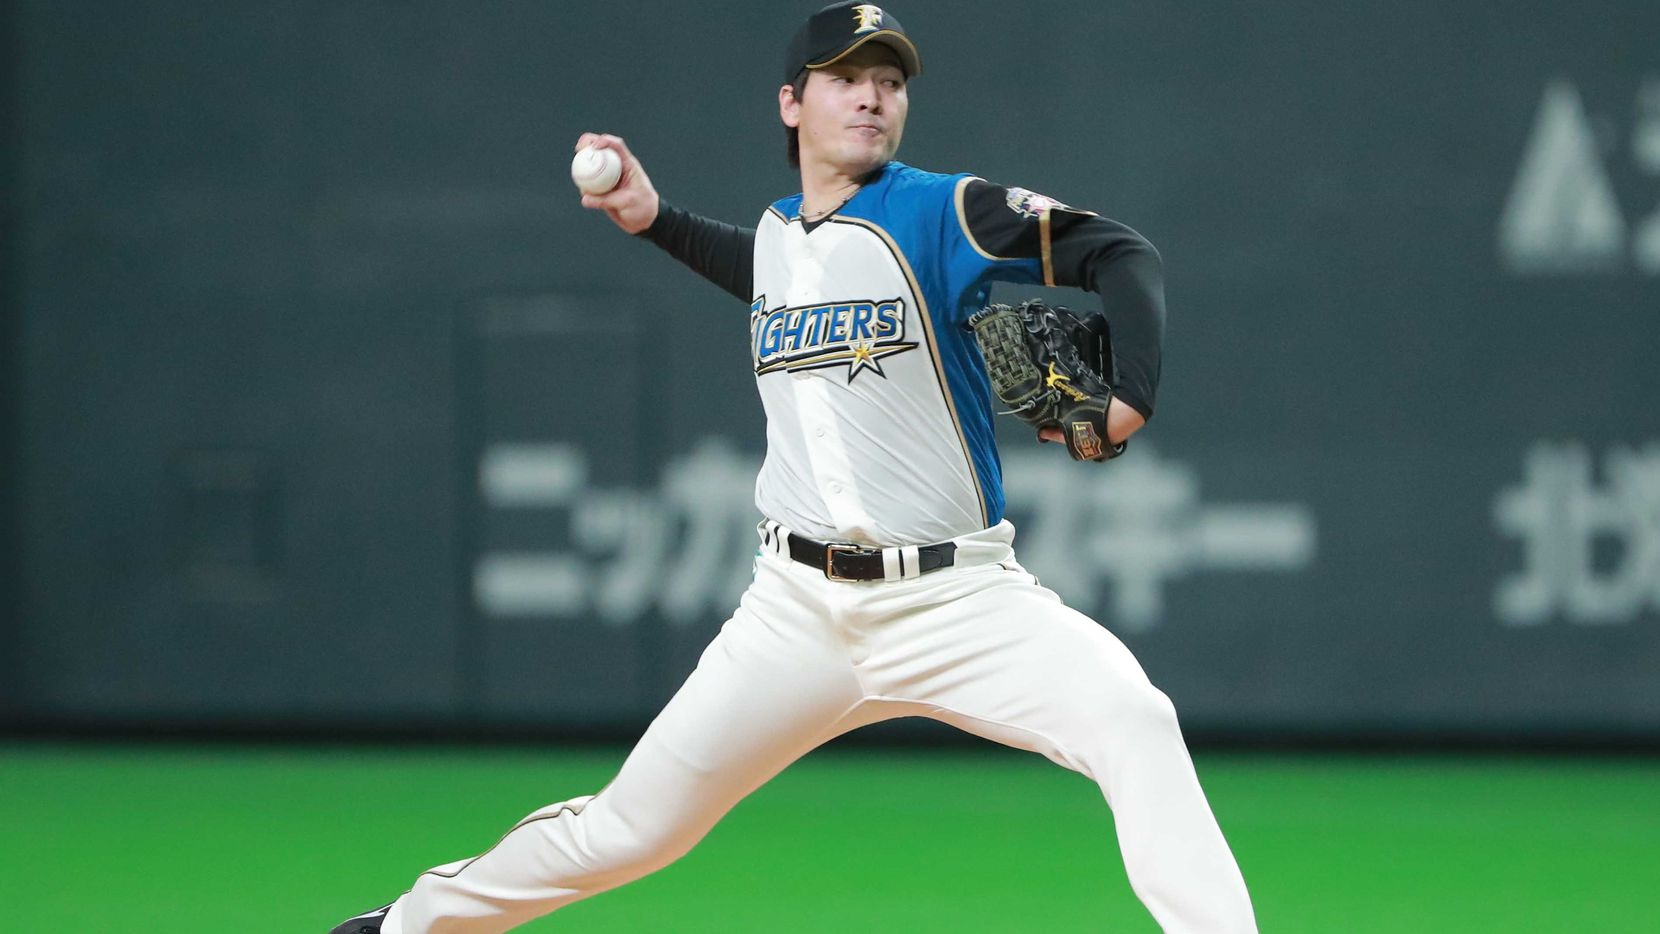 El pitcher japonés Kohei Arihara es la nueva contratación de los Texas Rangers para la temporada 2021.